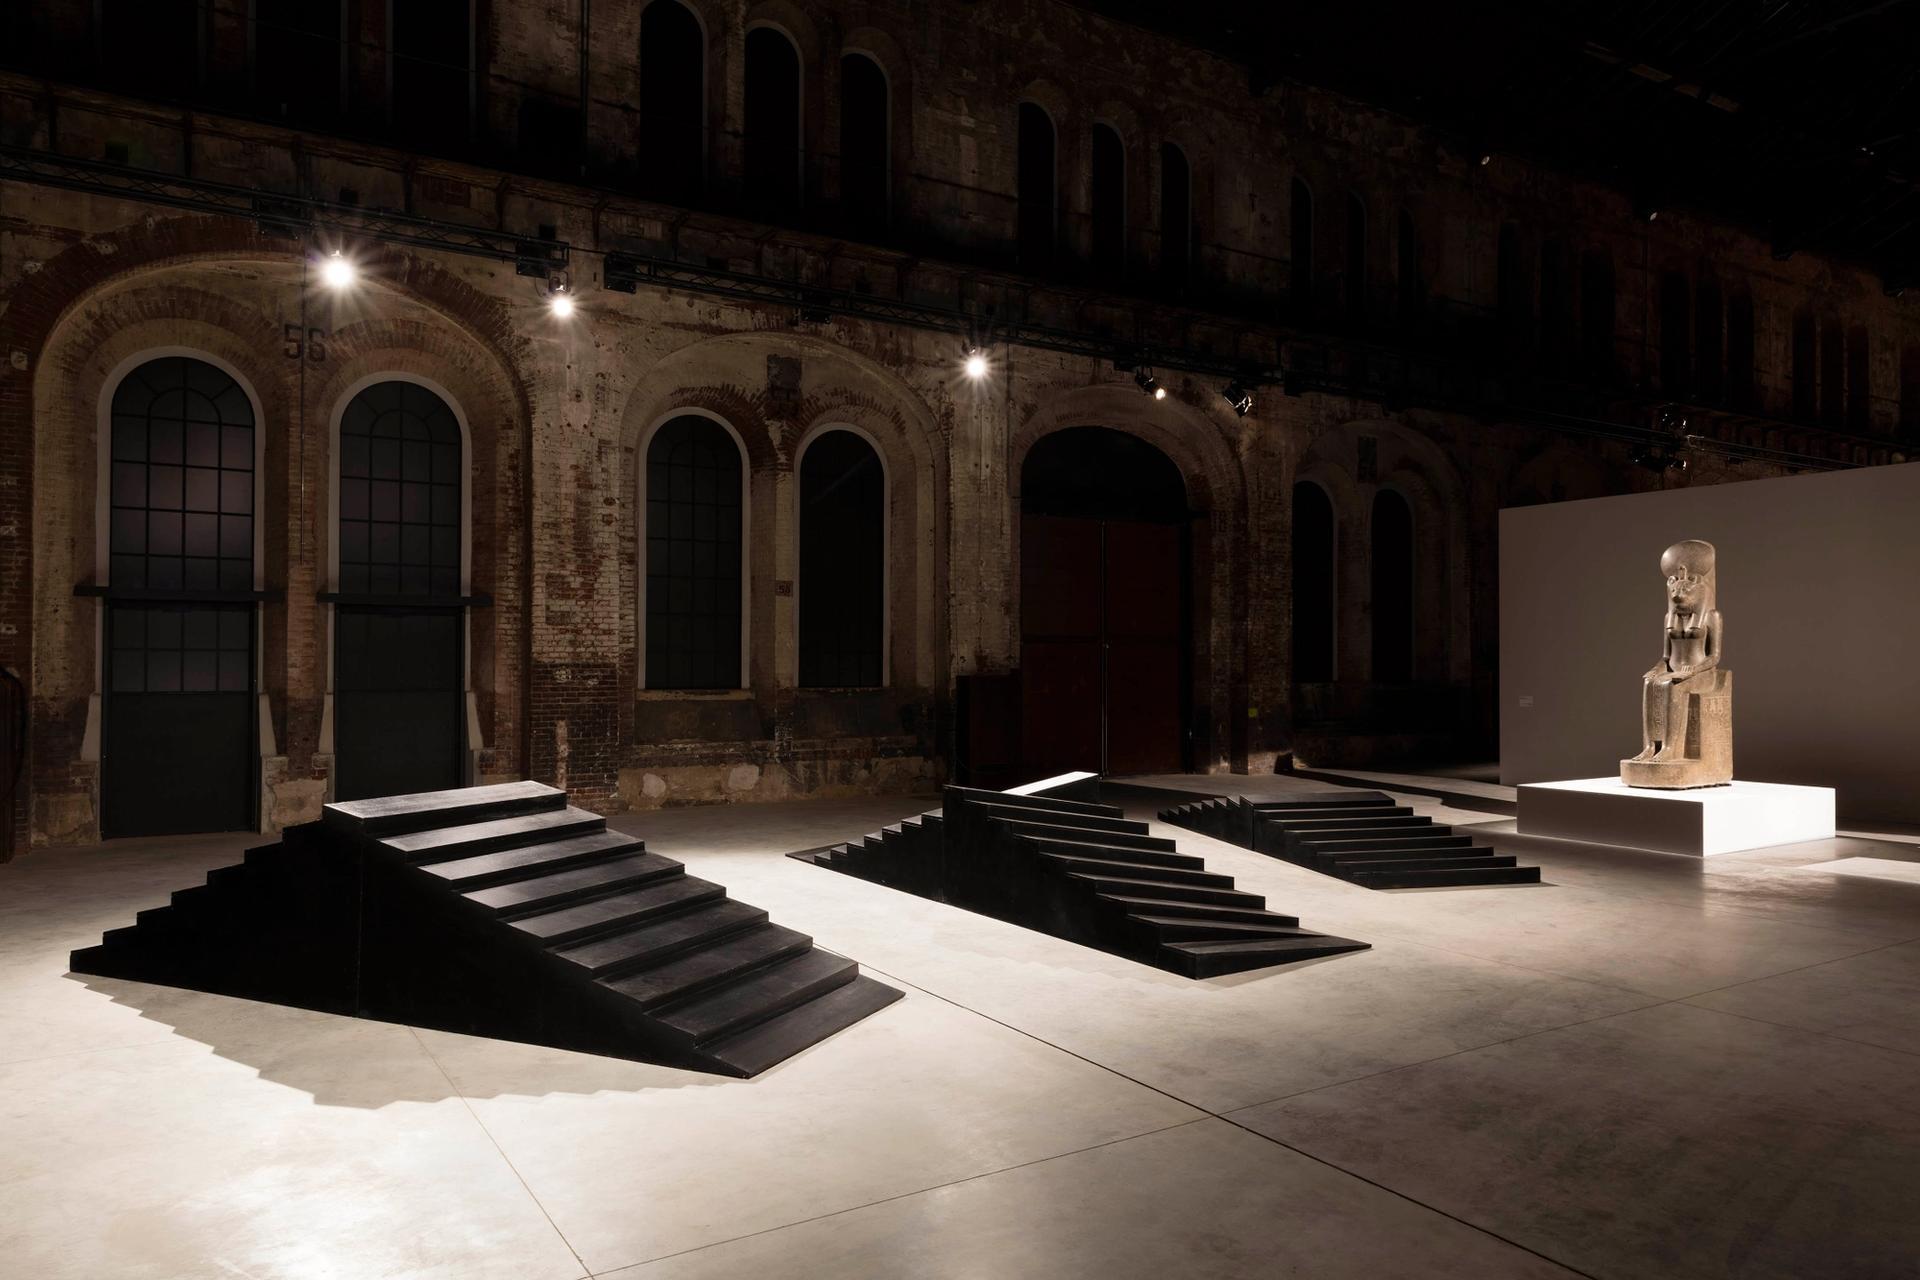 Andrea Rossetti. Courtesy of the OGR—Officine Grandi Riparazioni, Torino